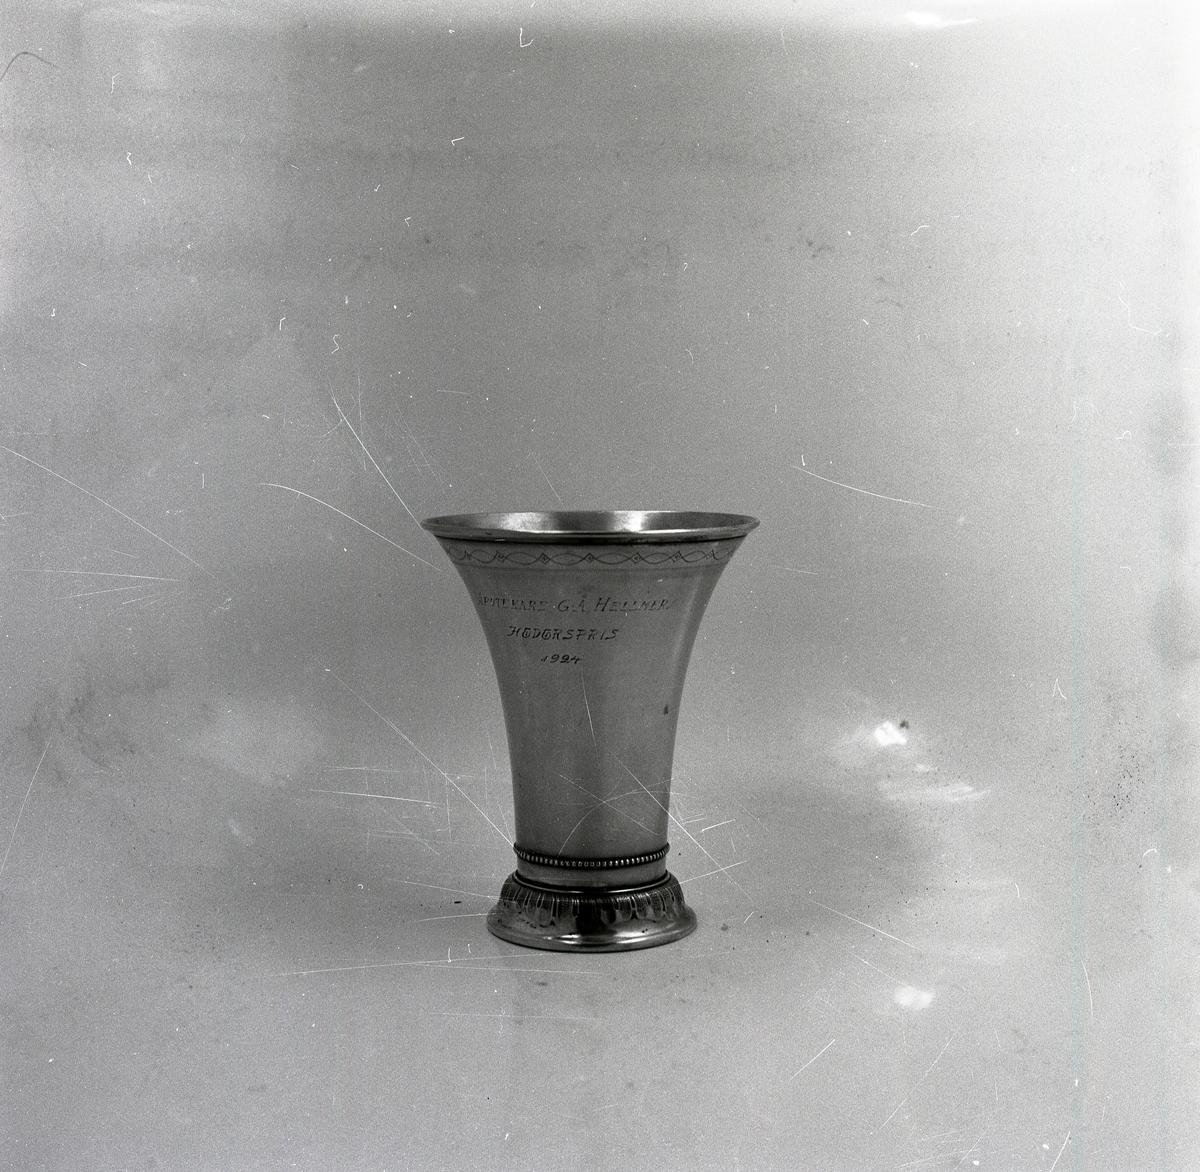 På en glansig yta står en blankpolerad prispokal med gravyr och utsmyckningar vid foten.